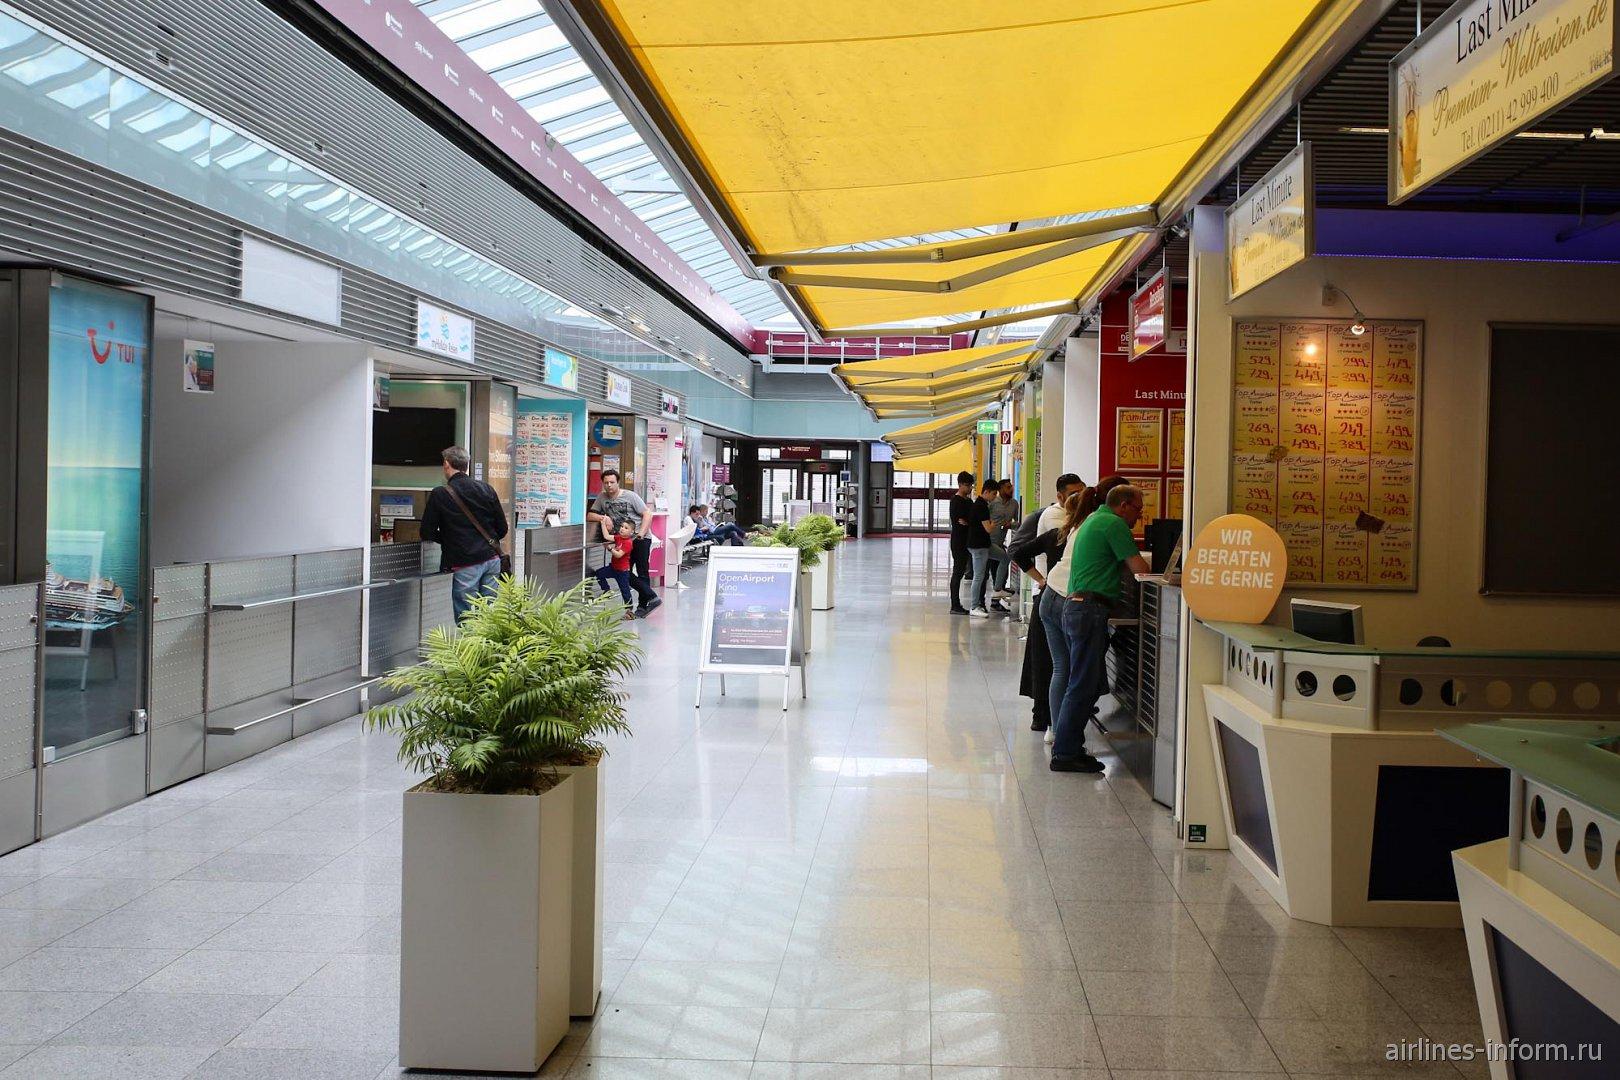 Офисы турфирм в аэропорту Дюссельдорфа